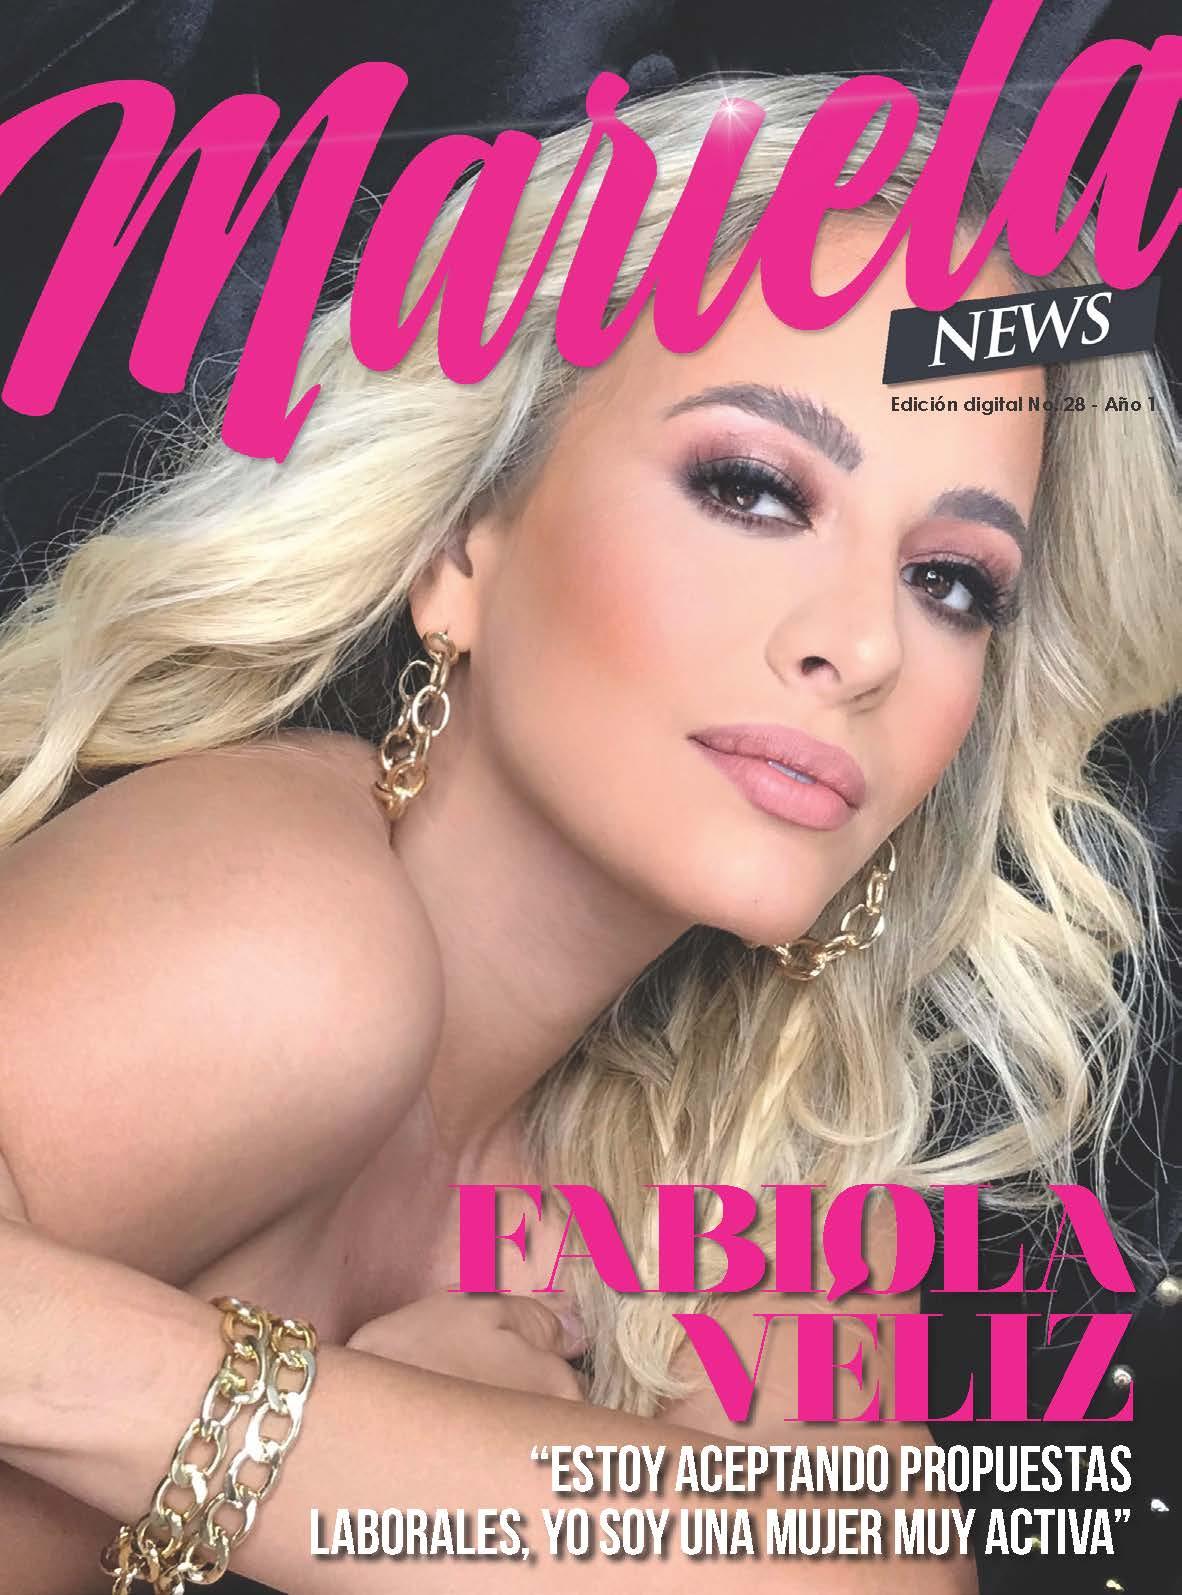 Revista Mariela News 28